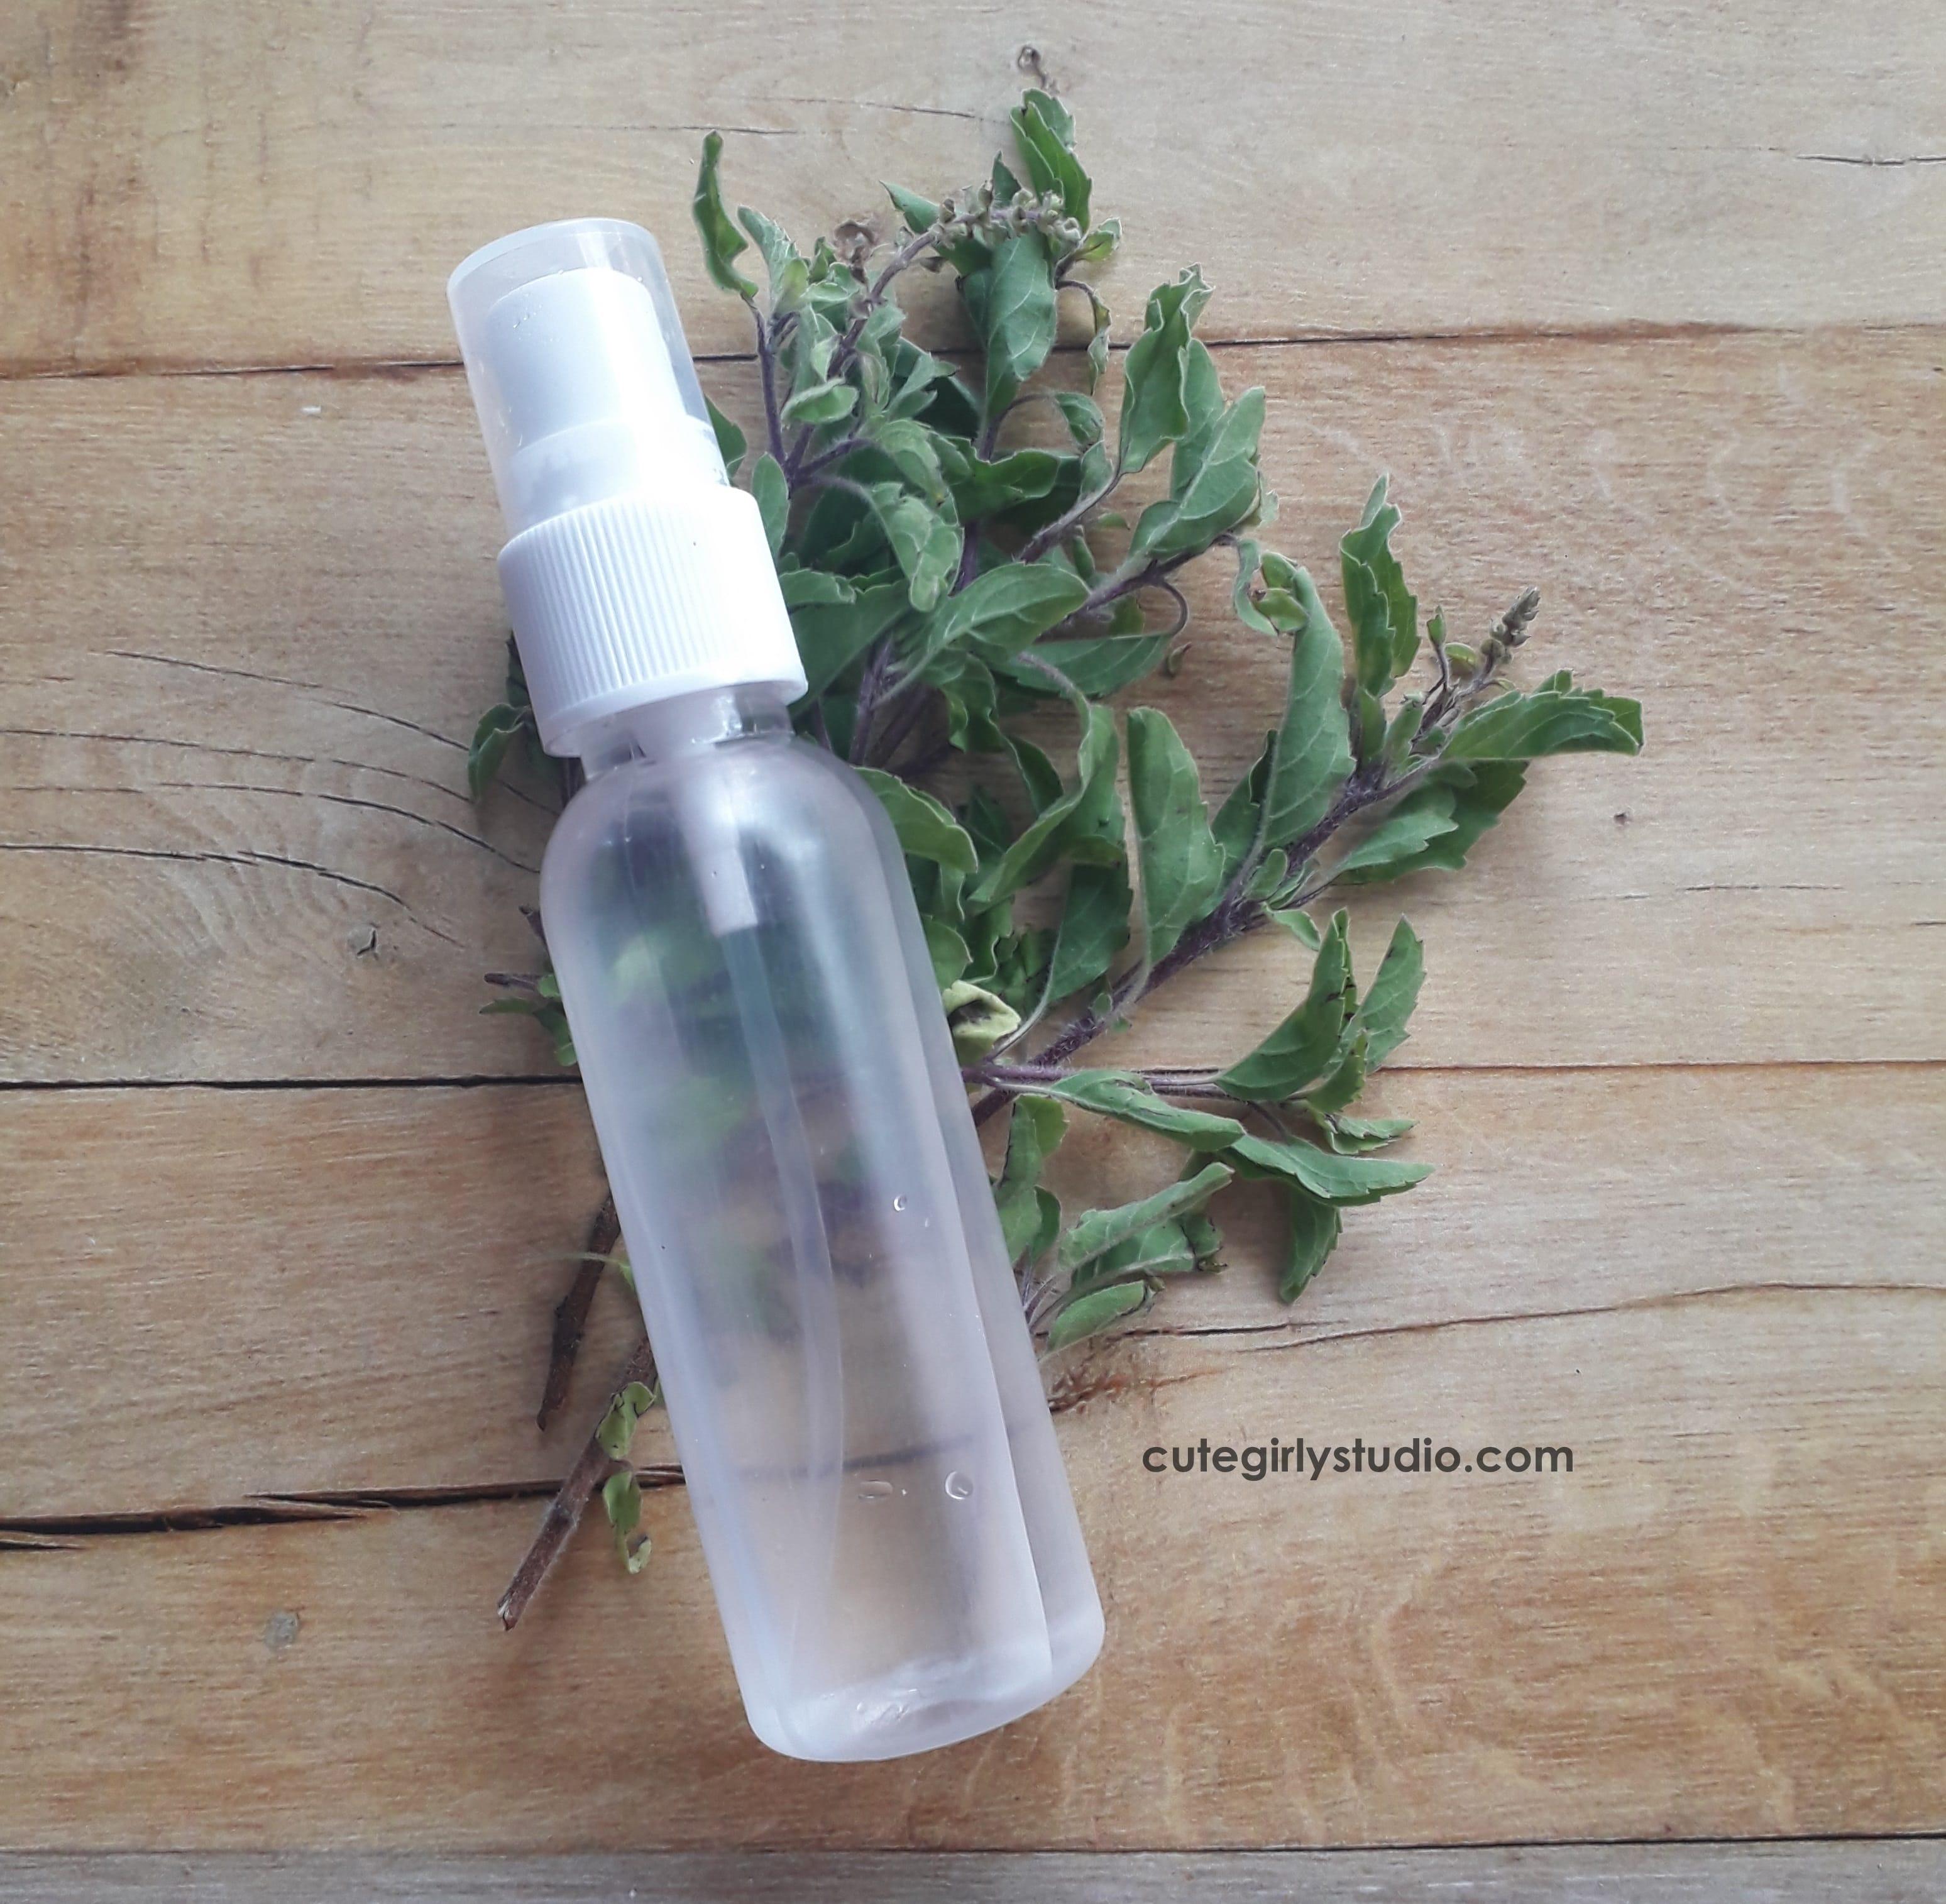 DIY - Distilled anti acne basil face mist